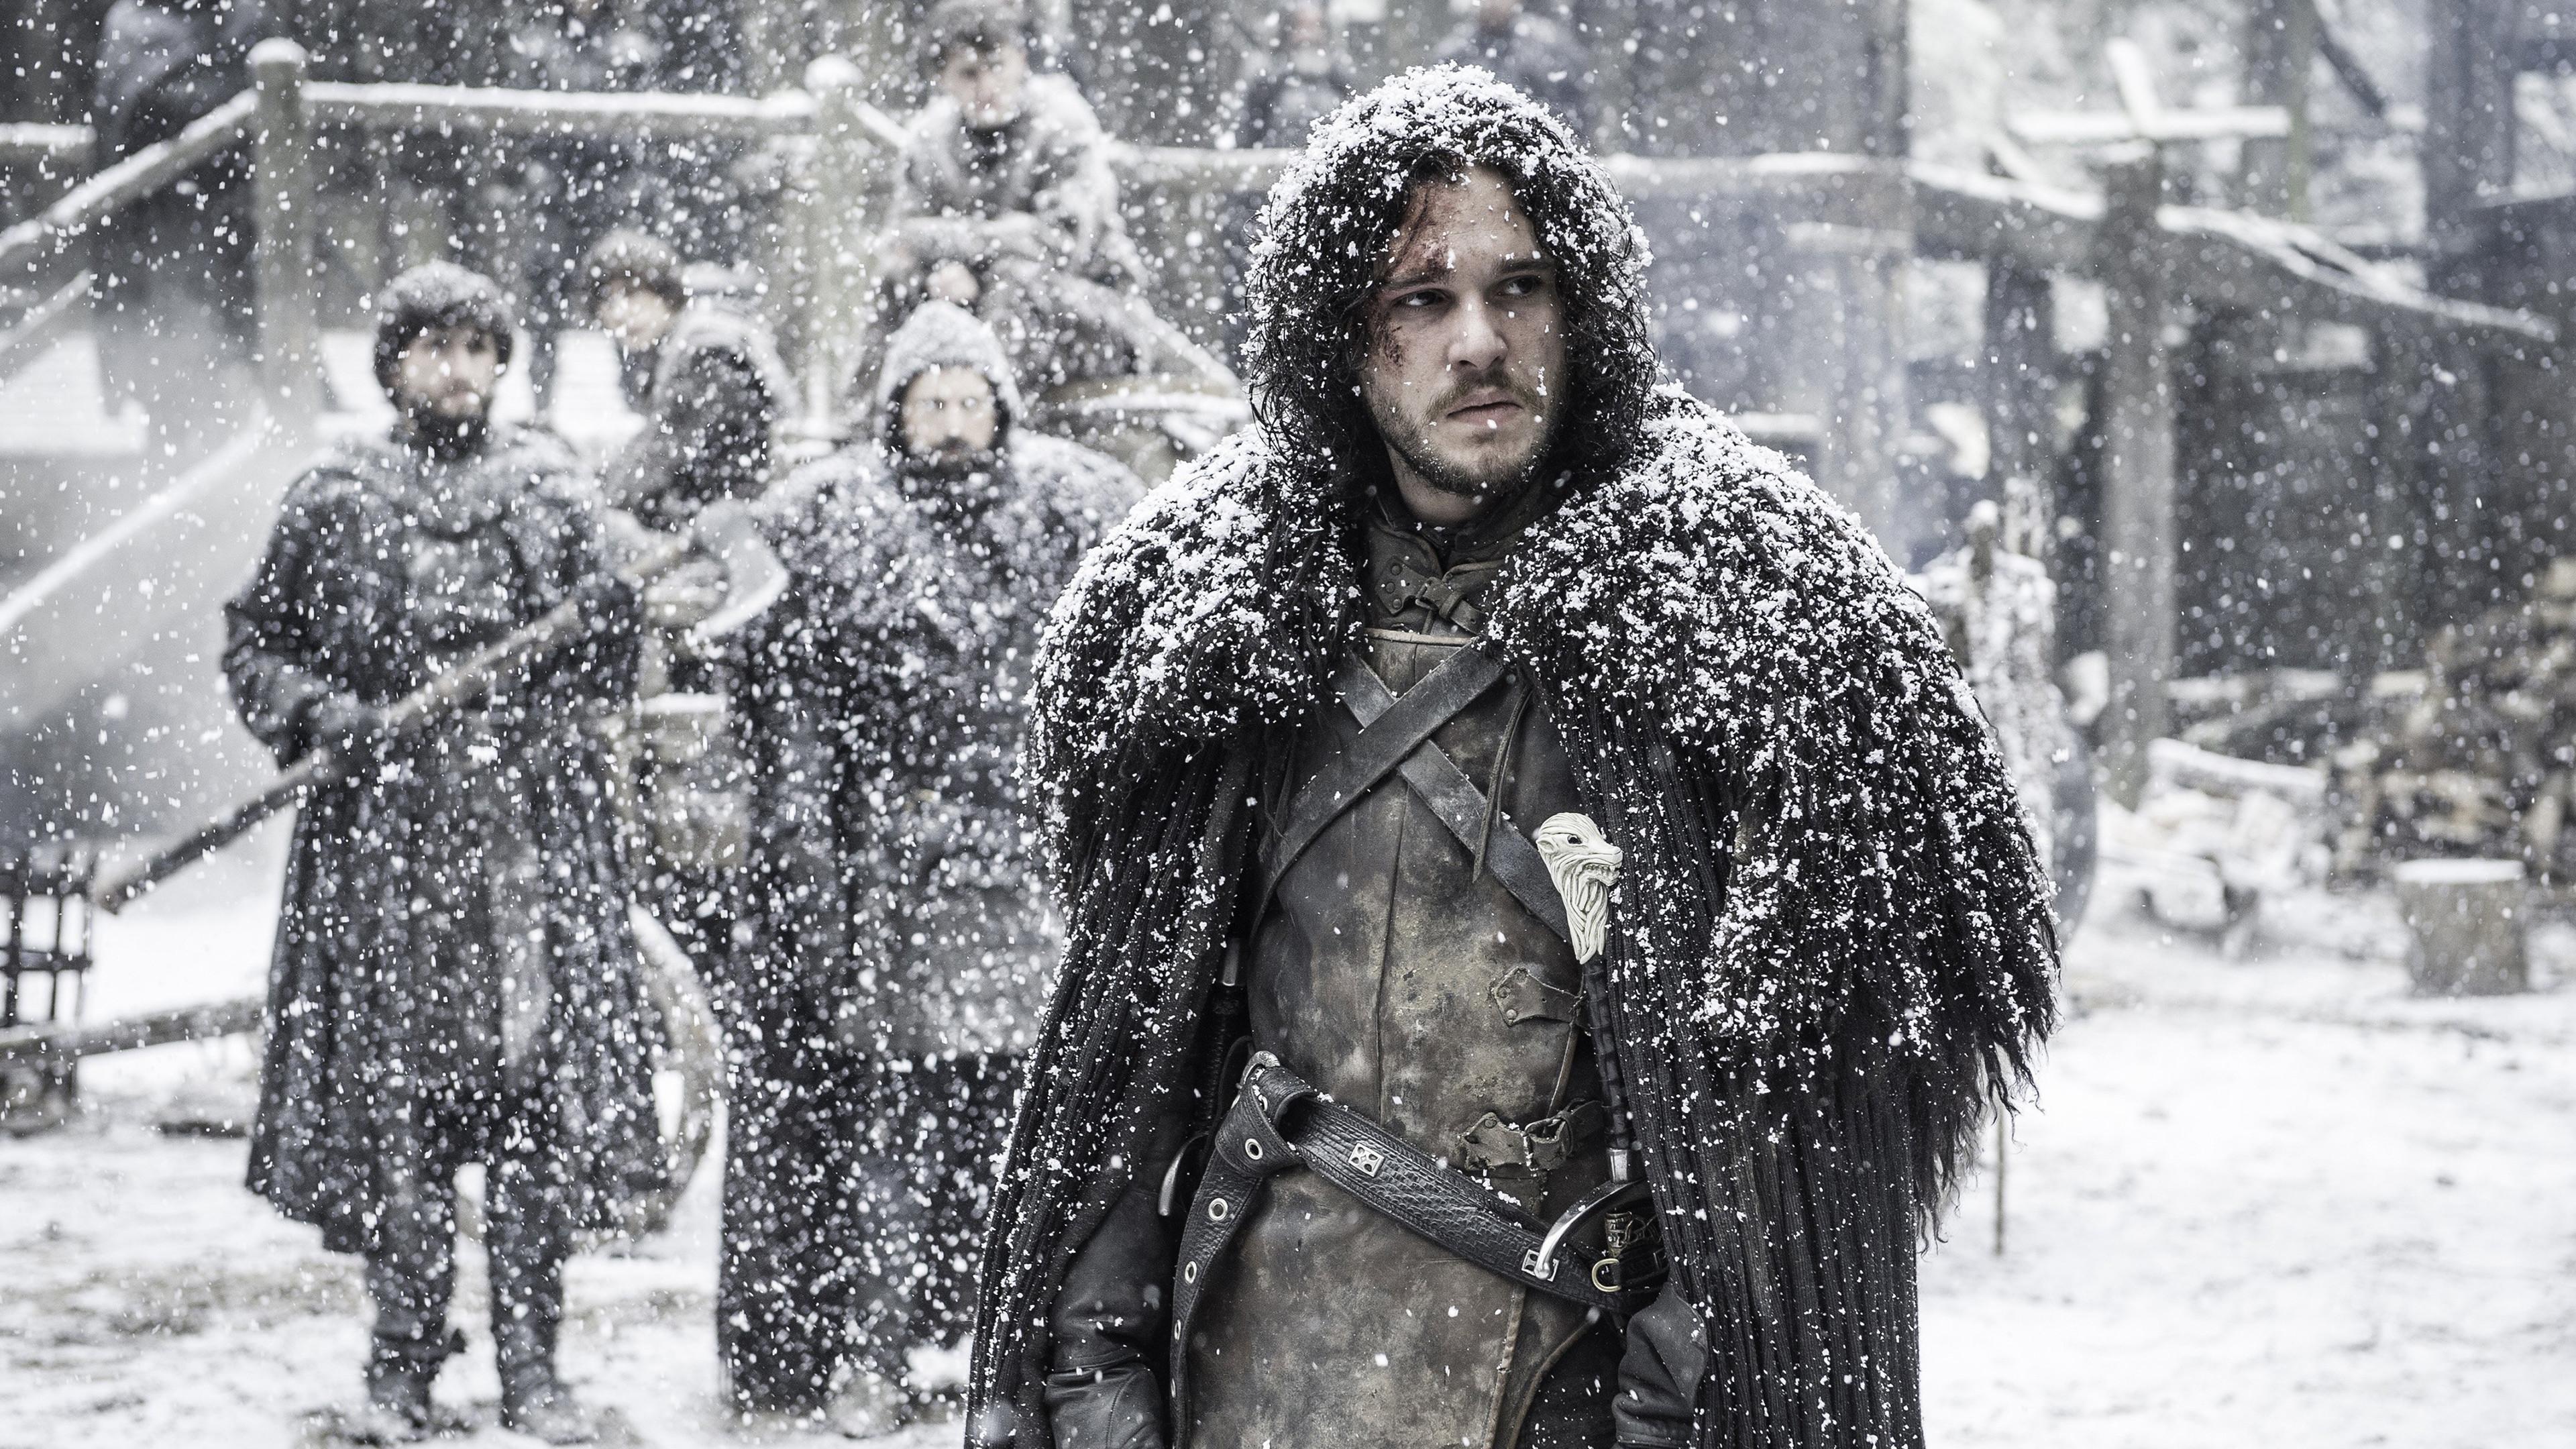 Res: 3840x2160, Jon Snow Game of Thrones Season 6